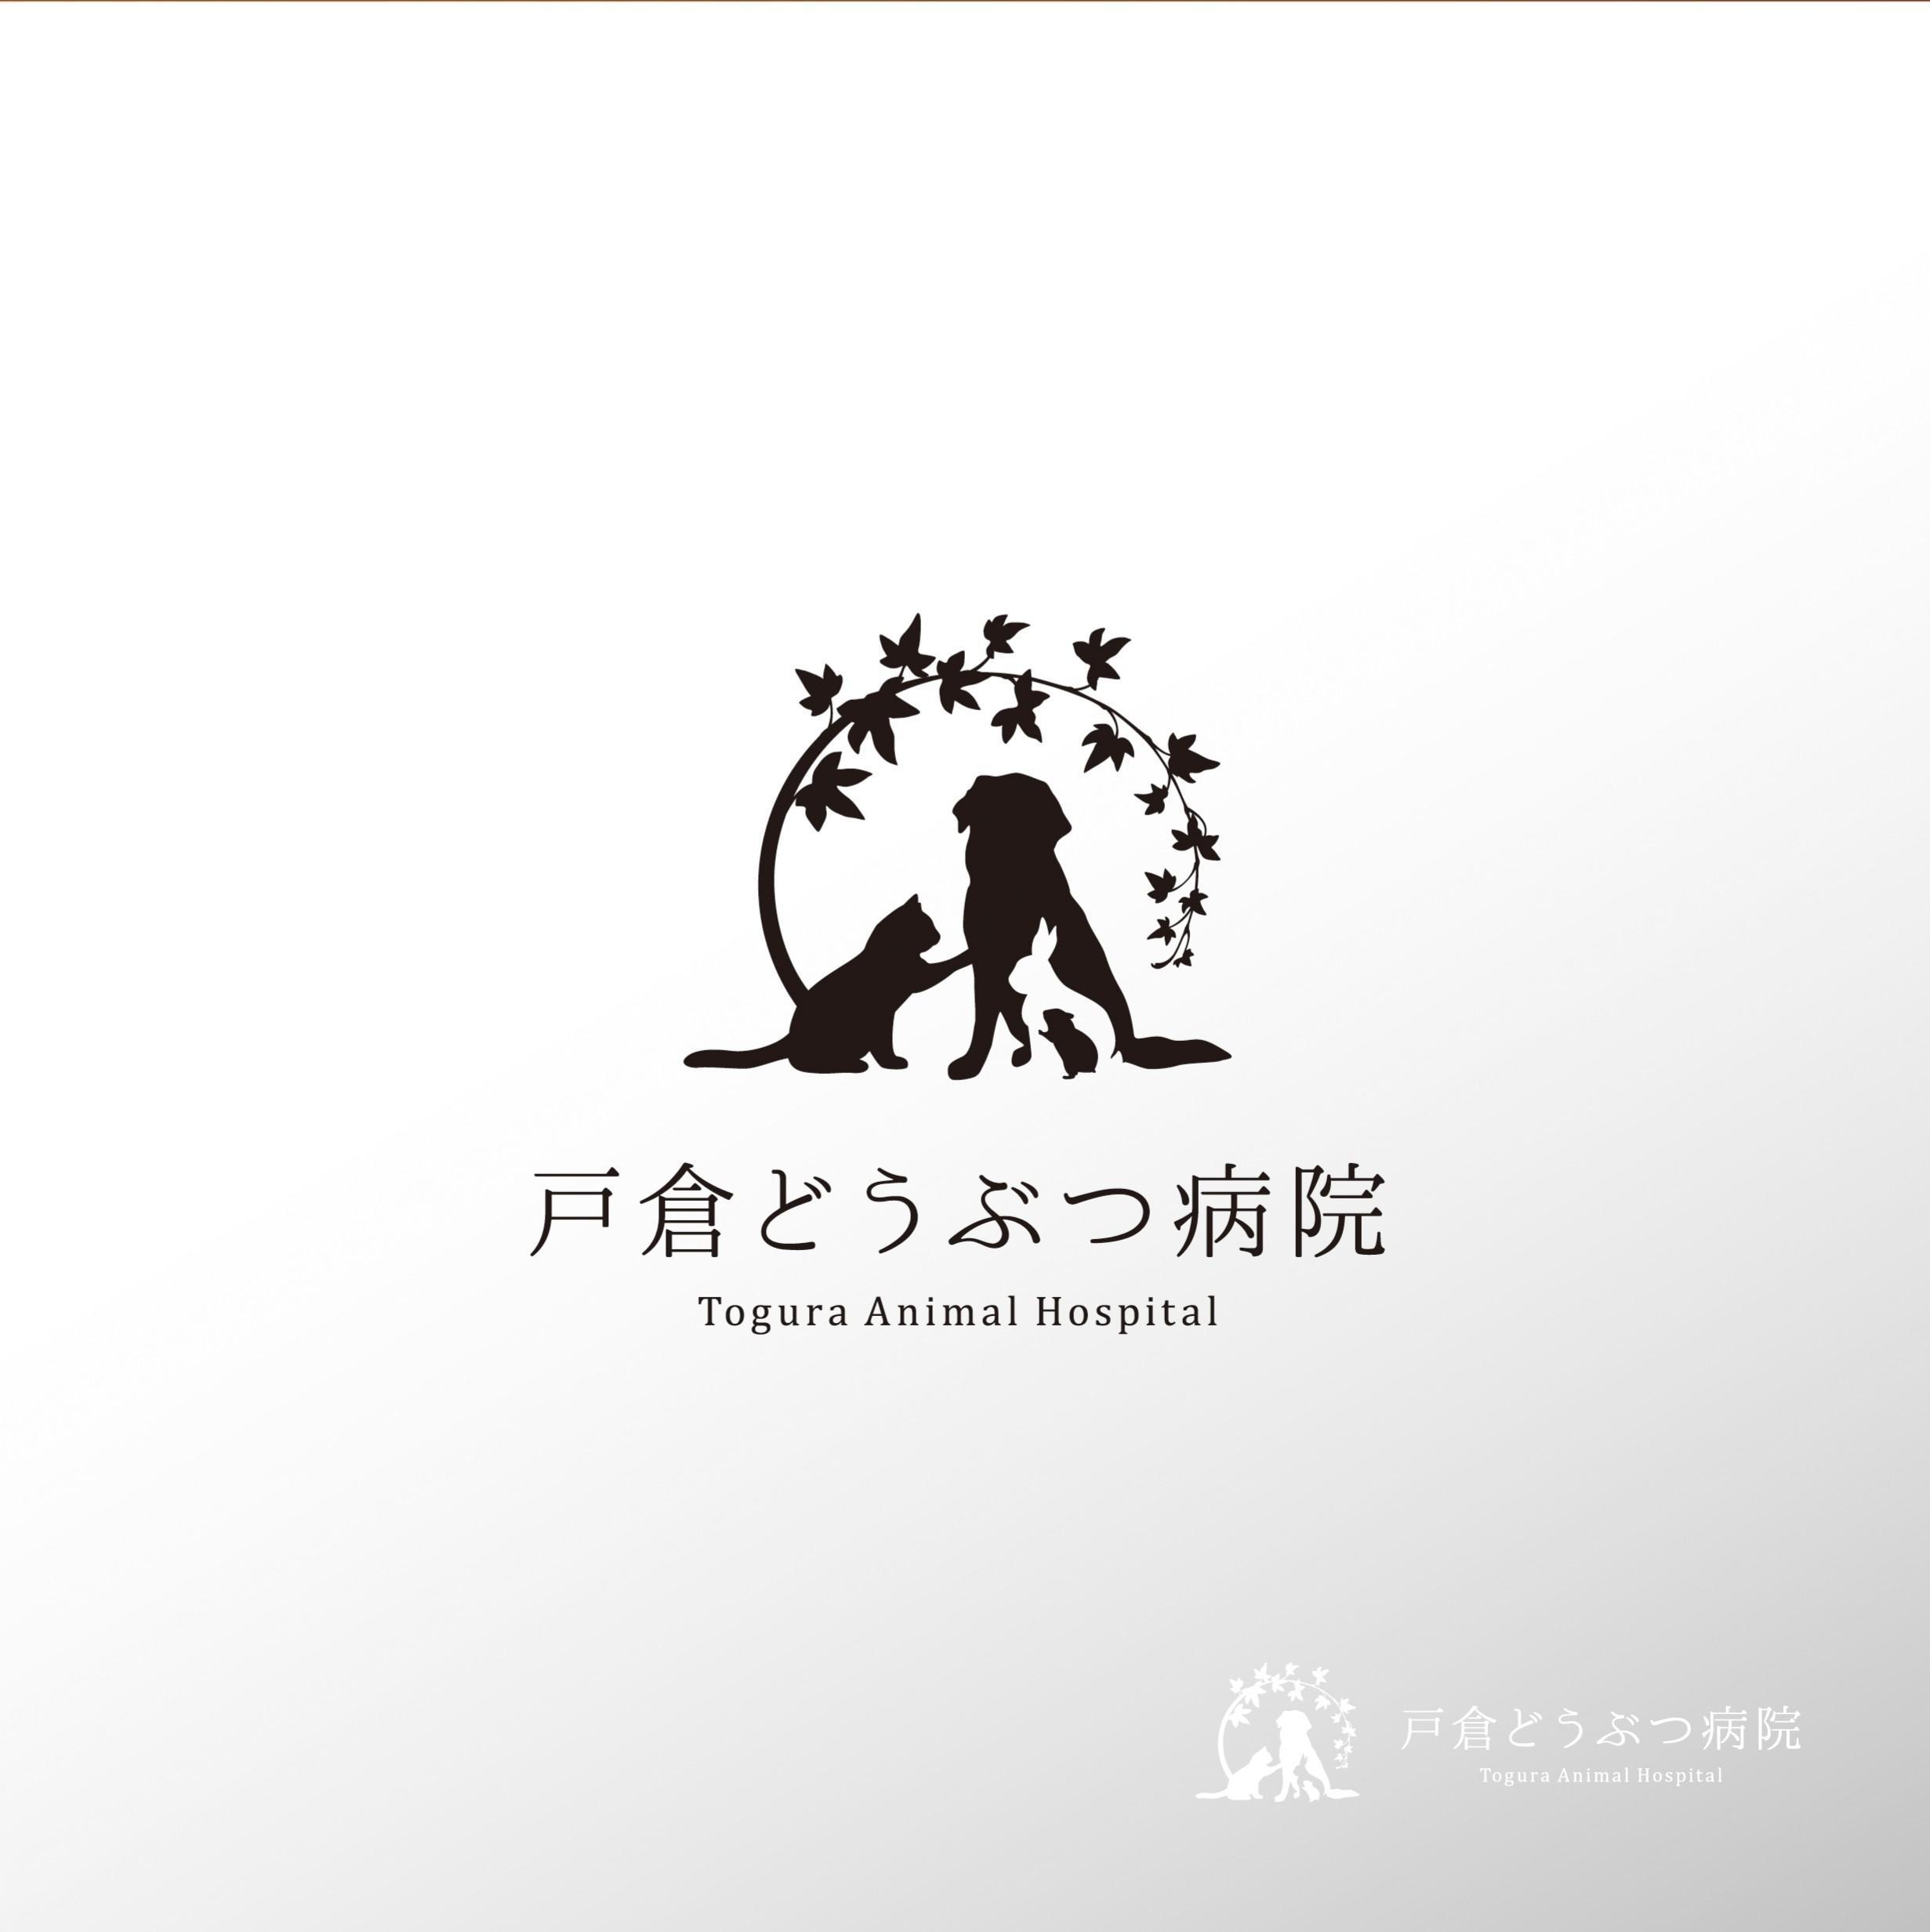 動物看護師急募!長野県千曲市に新規開院の戸倉動物病院です